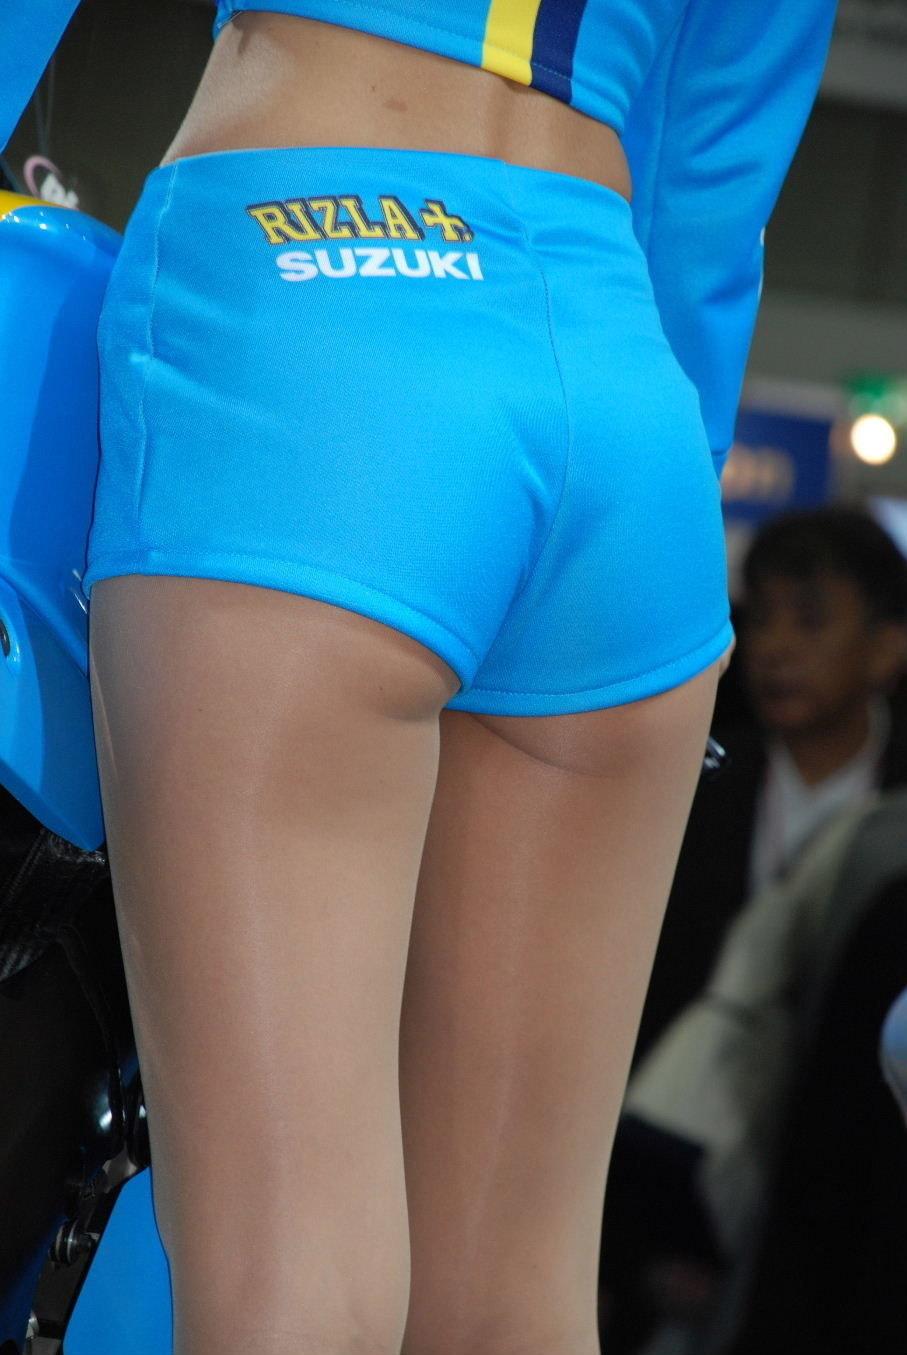 【キャンギャルエロ画像】イベントの主役!絶品ボディなキャンギャルたち(;^ω^)